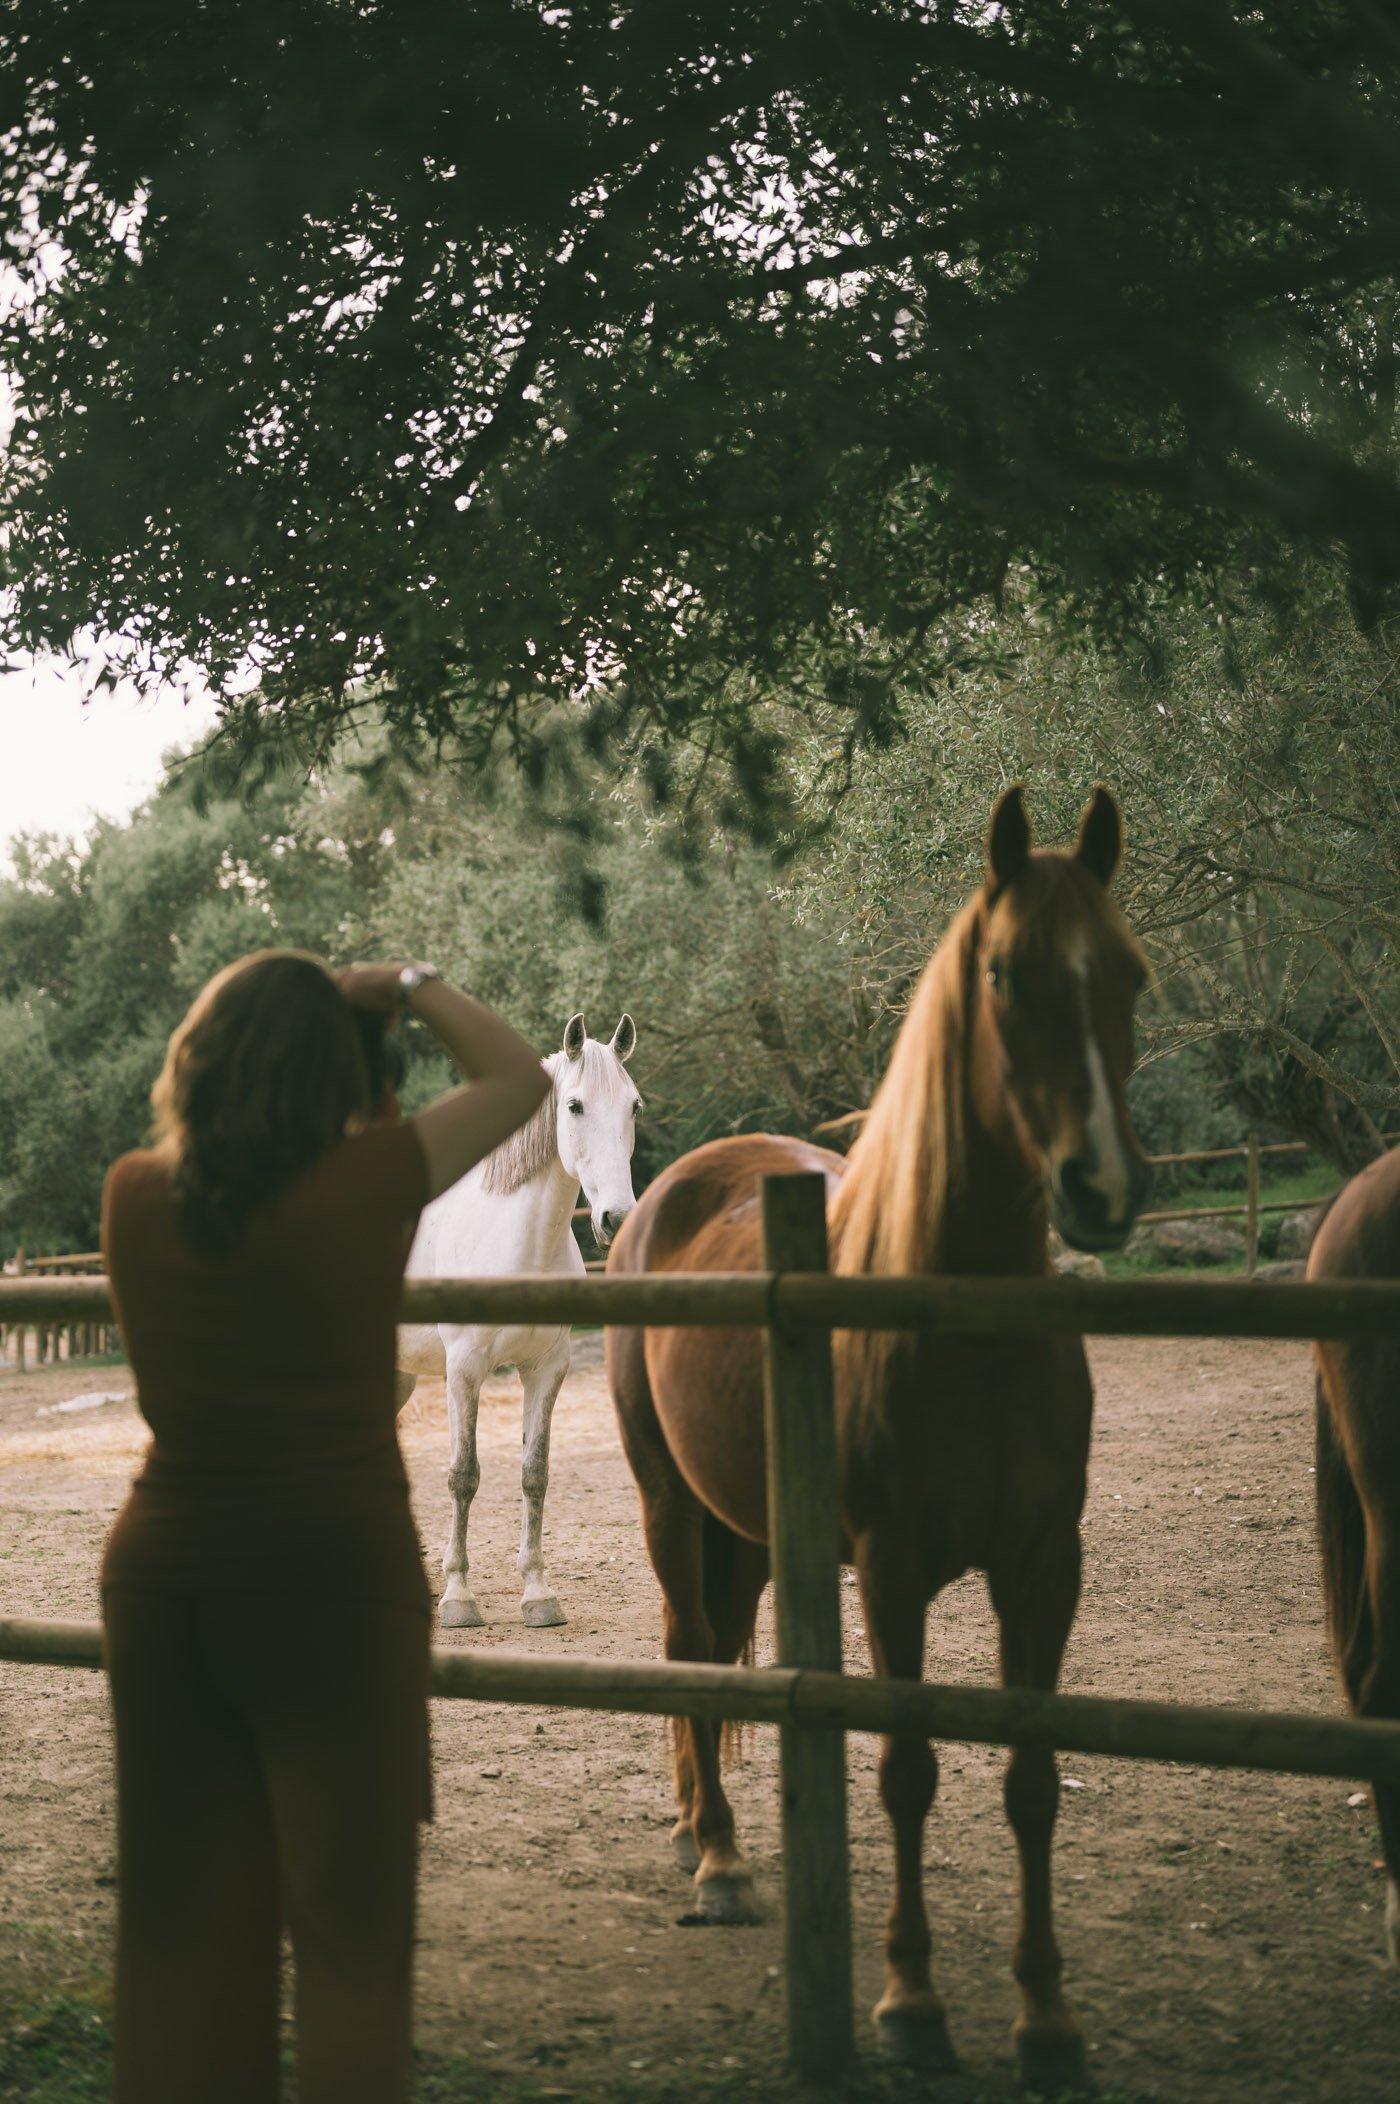 Horses at São Lourenço do Barrocal